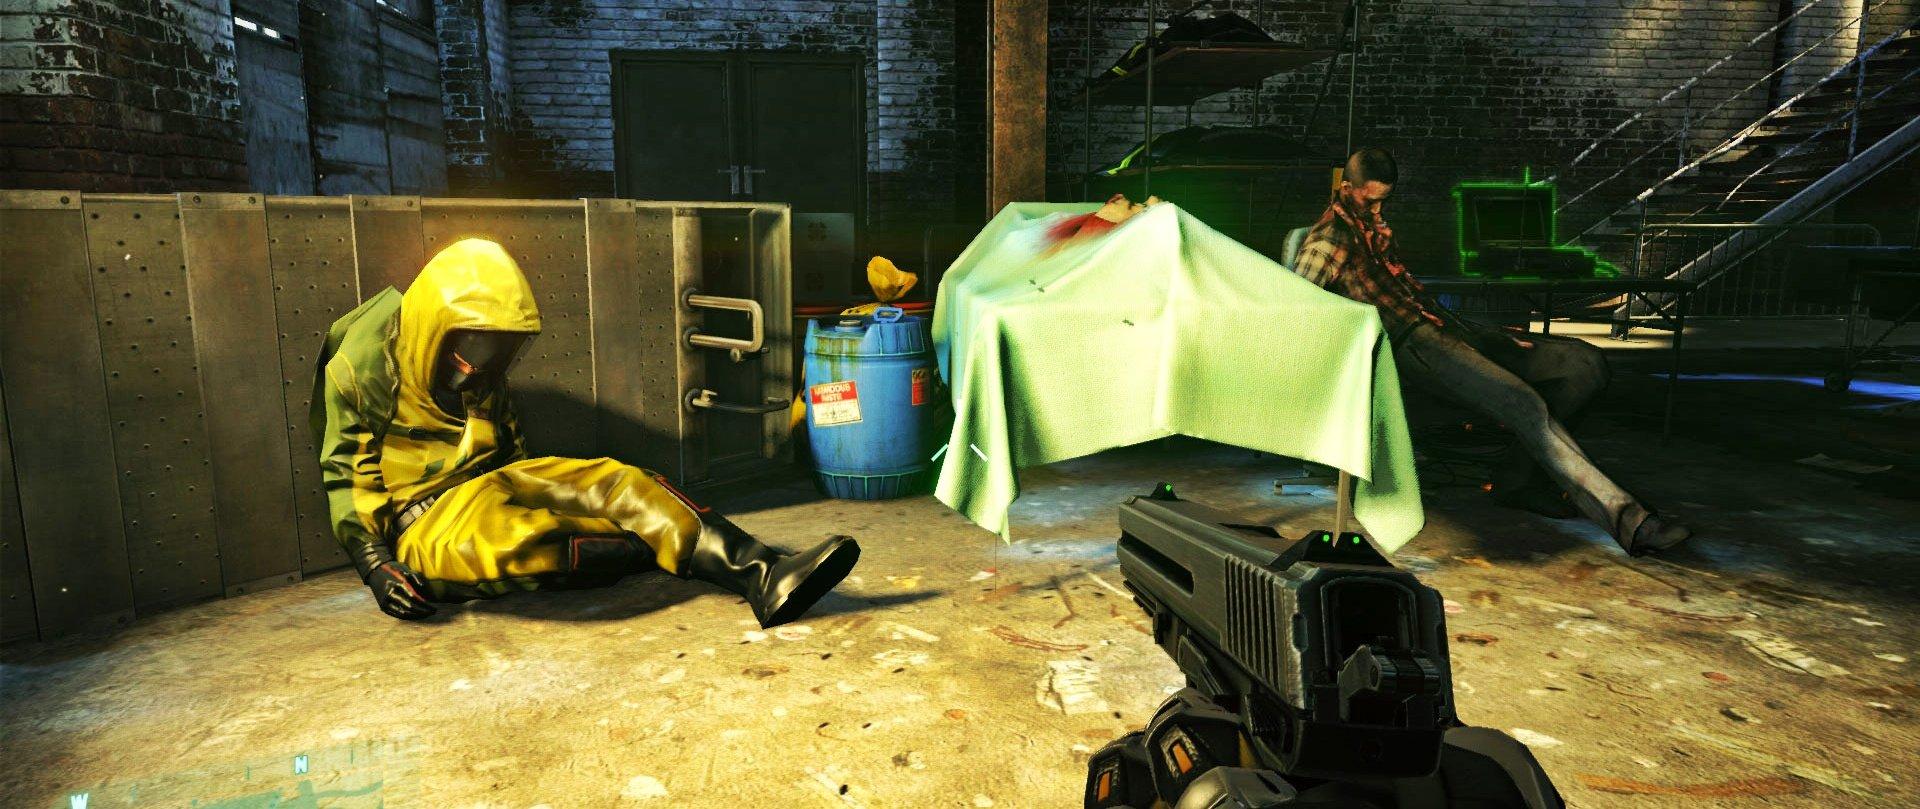 Репетиция последсвий Эболы в играх? (Metro last light, Crysis 2, The last of US, Dishonered и т.д) - Изображение 3